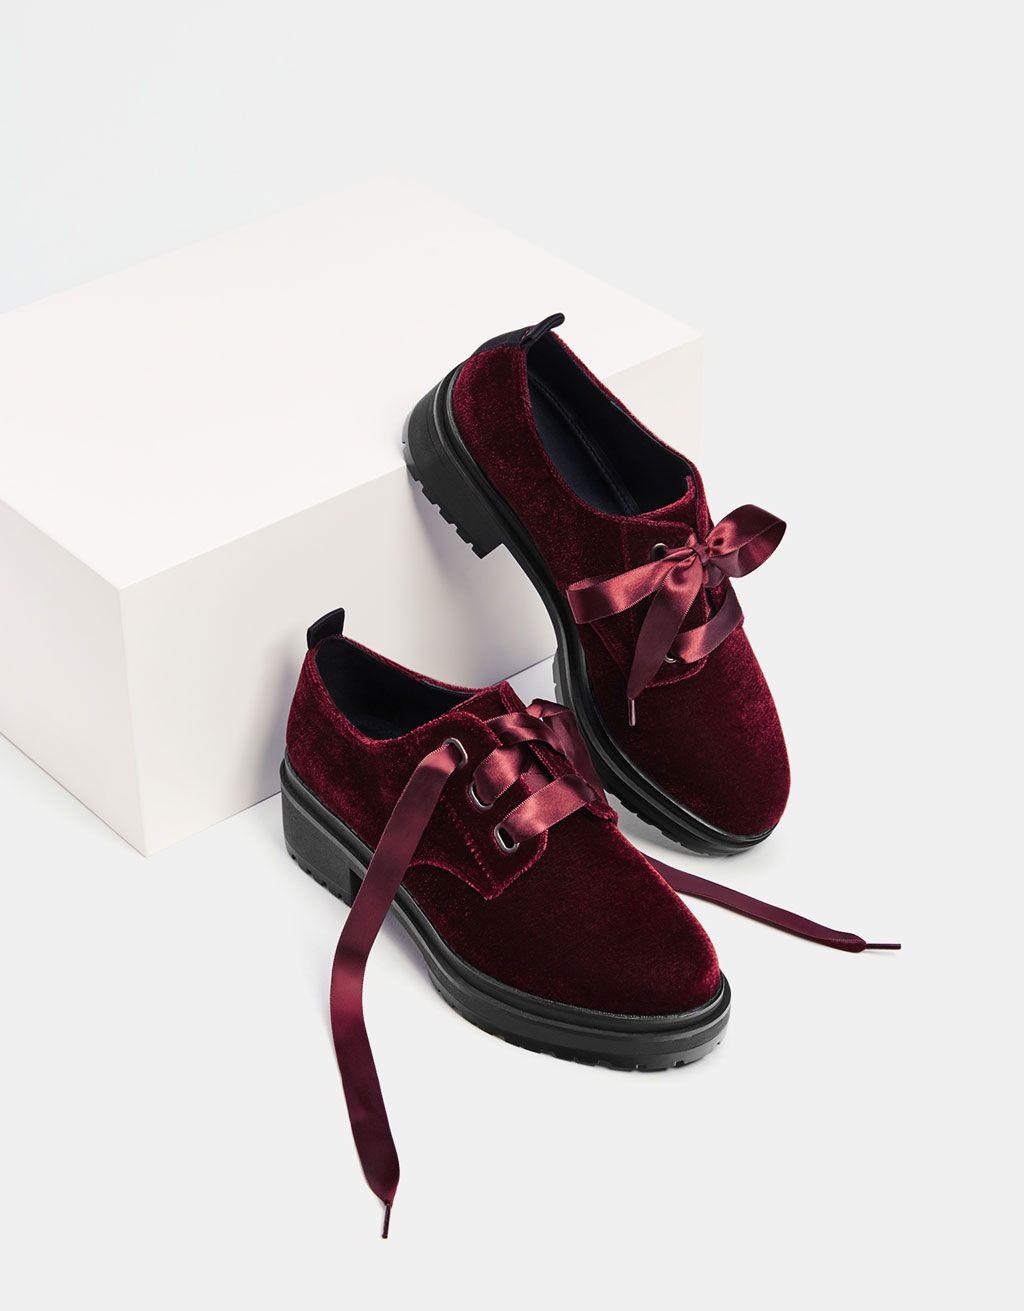 96245129 Zapato plataforma terciopelo. Descubre ésta y muchas otras prendas en  Bershka con nuevos productos cada semana